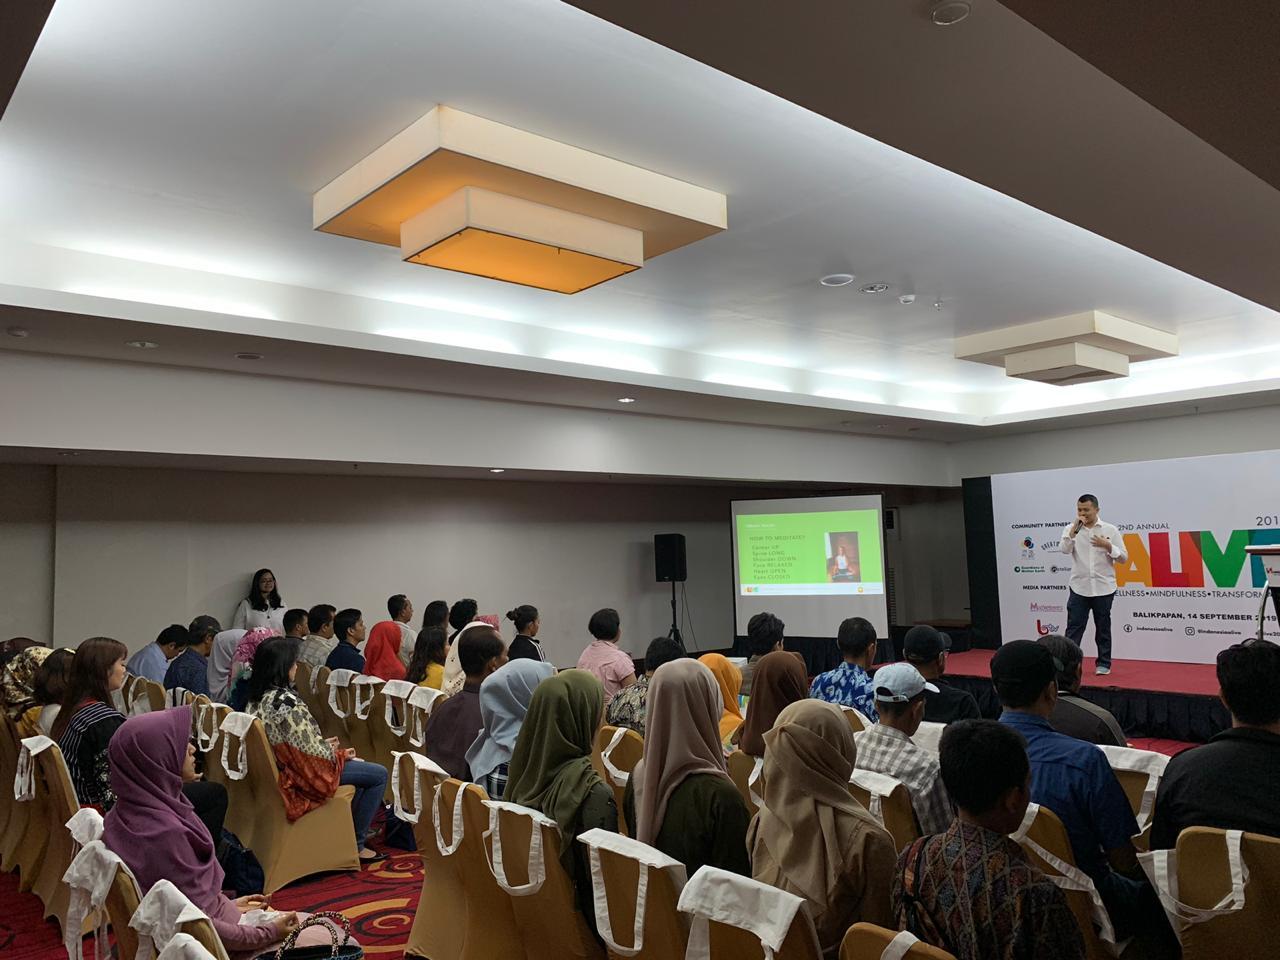 Sering Emosi, Stres atau Frustasi? Ikut Saja Festival Urban Wellnes dan Meditation di Bandung